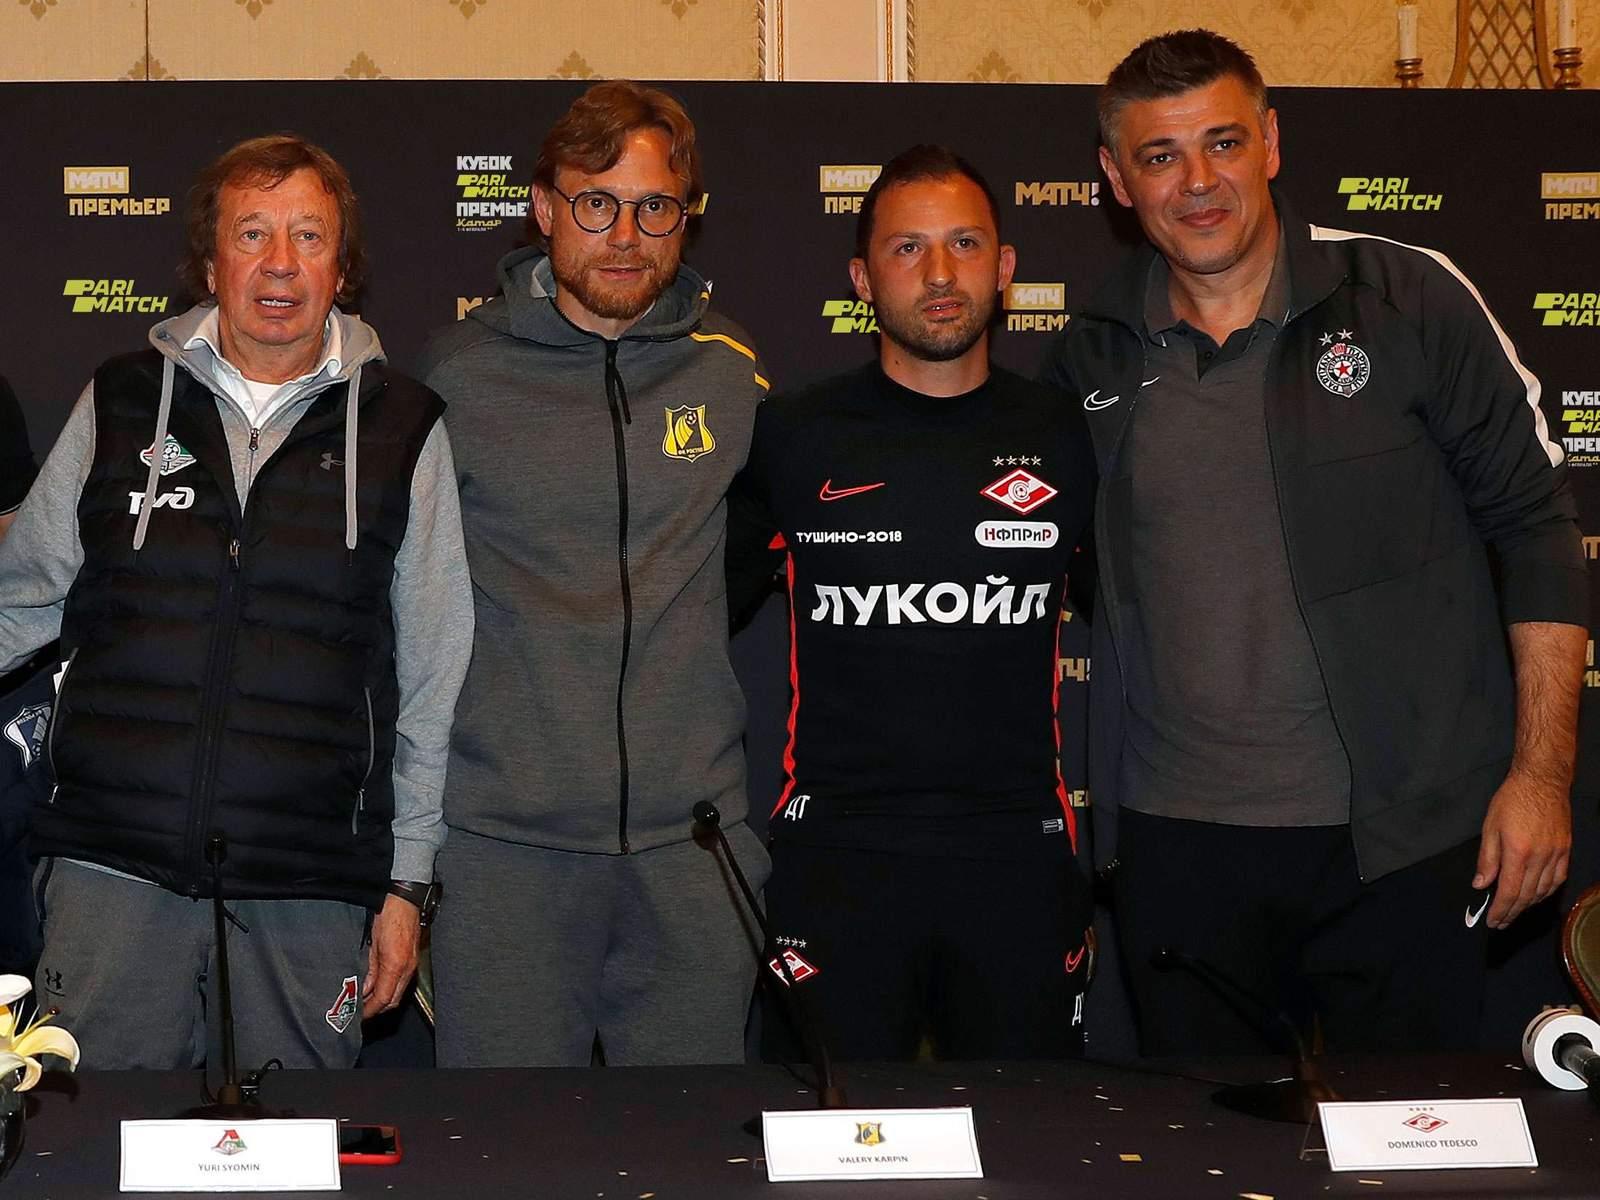 Главный тренер «Партизана» отказался считать Кубок Париматч Премьер международным турниром